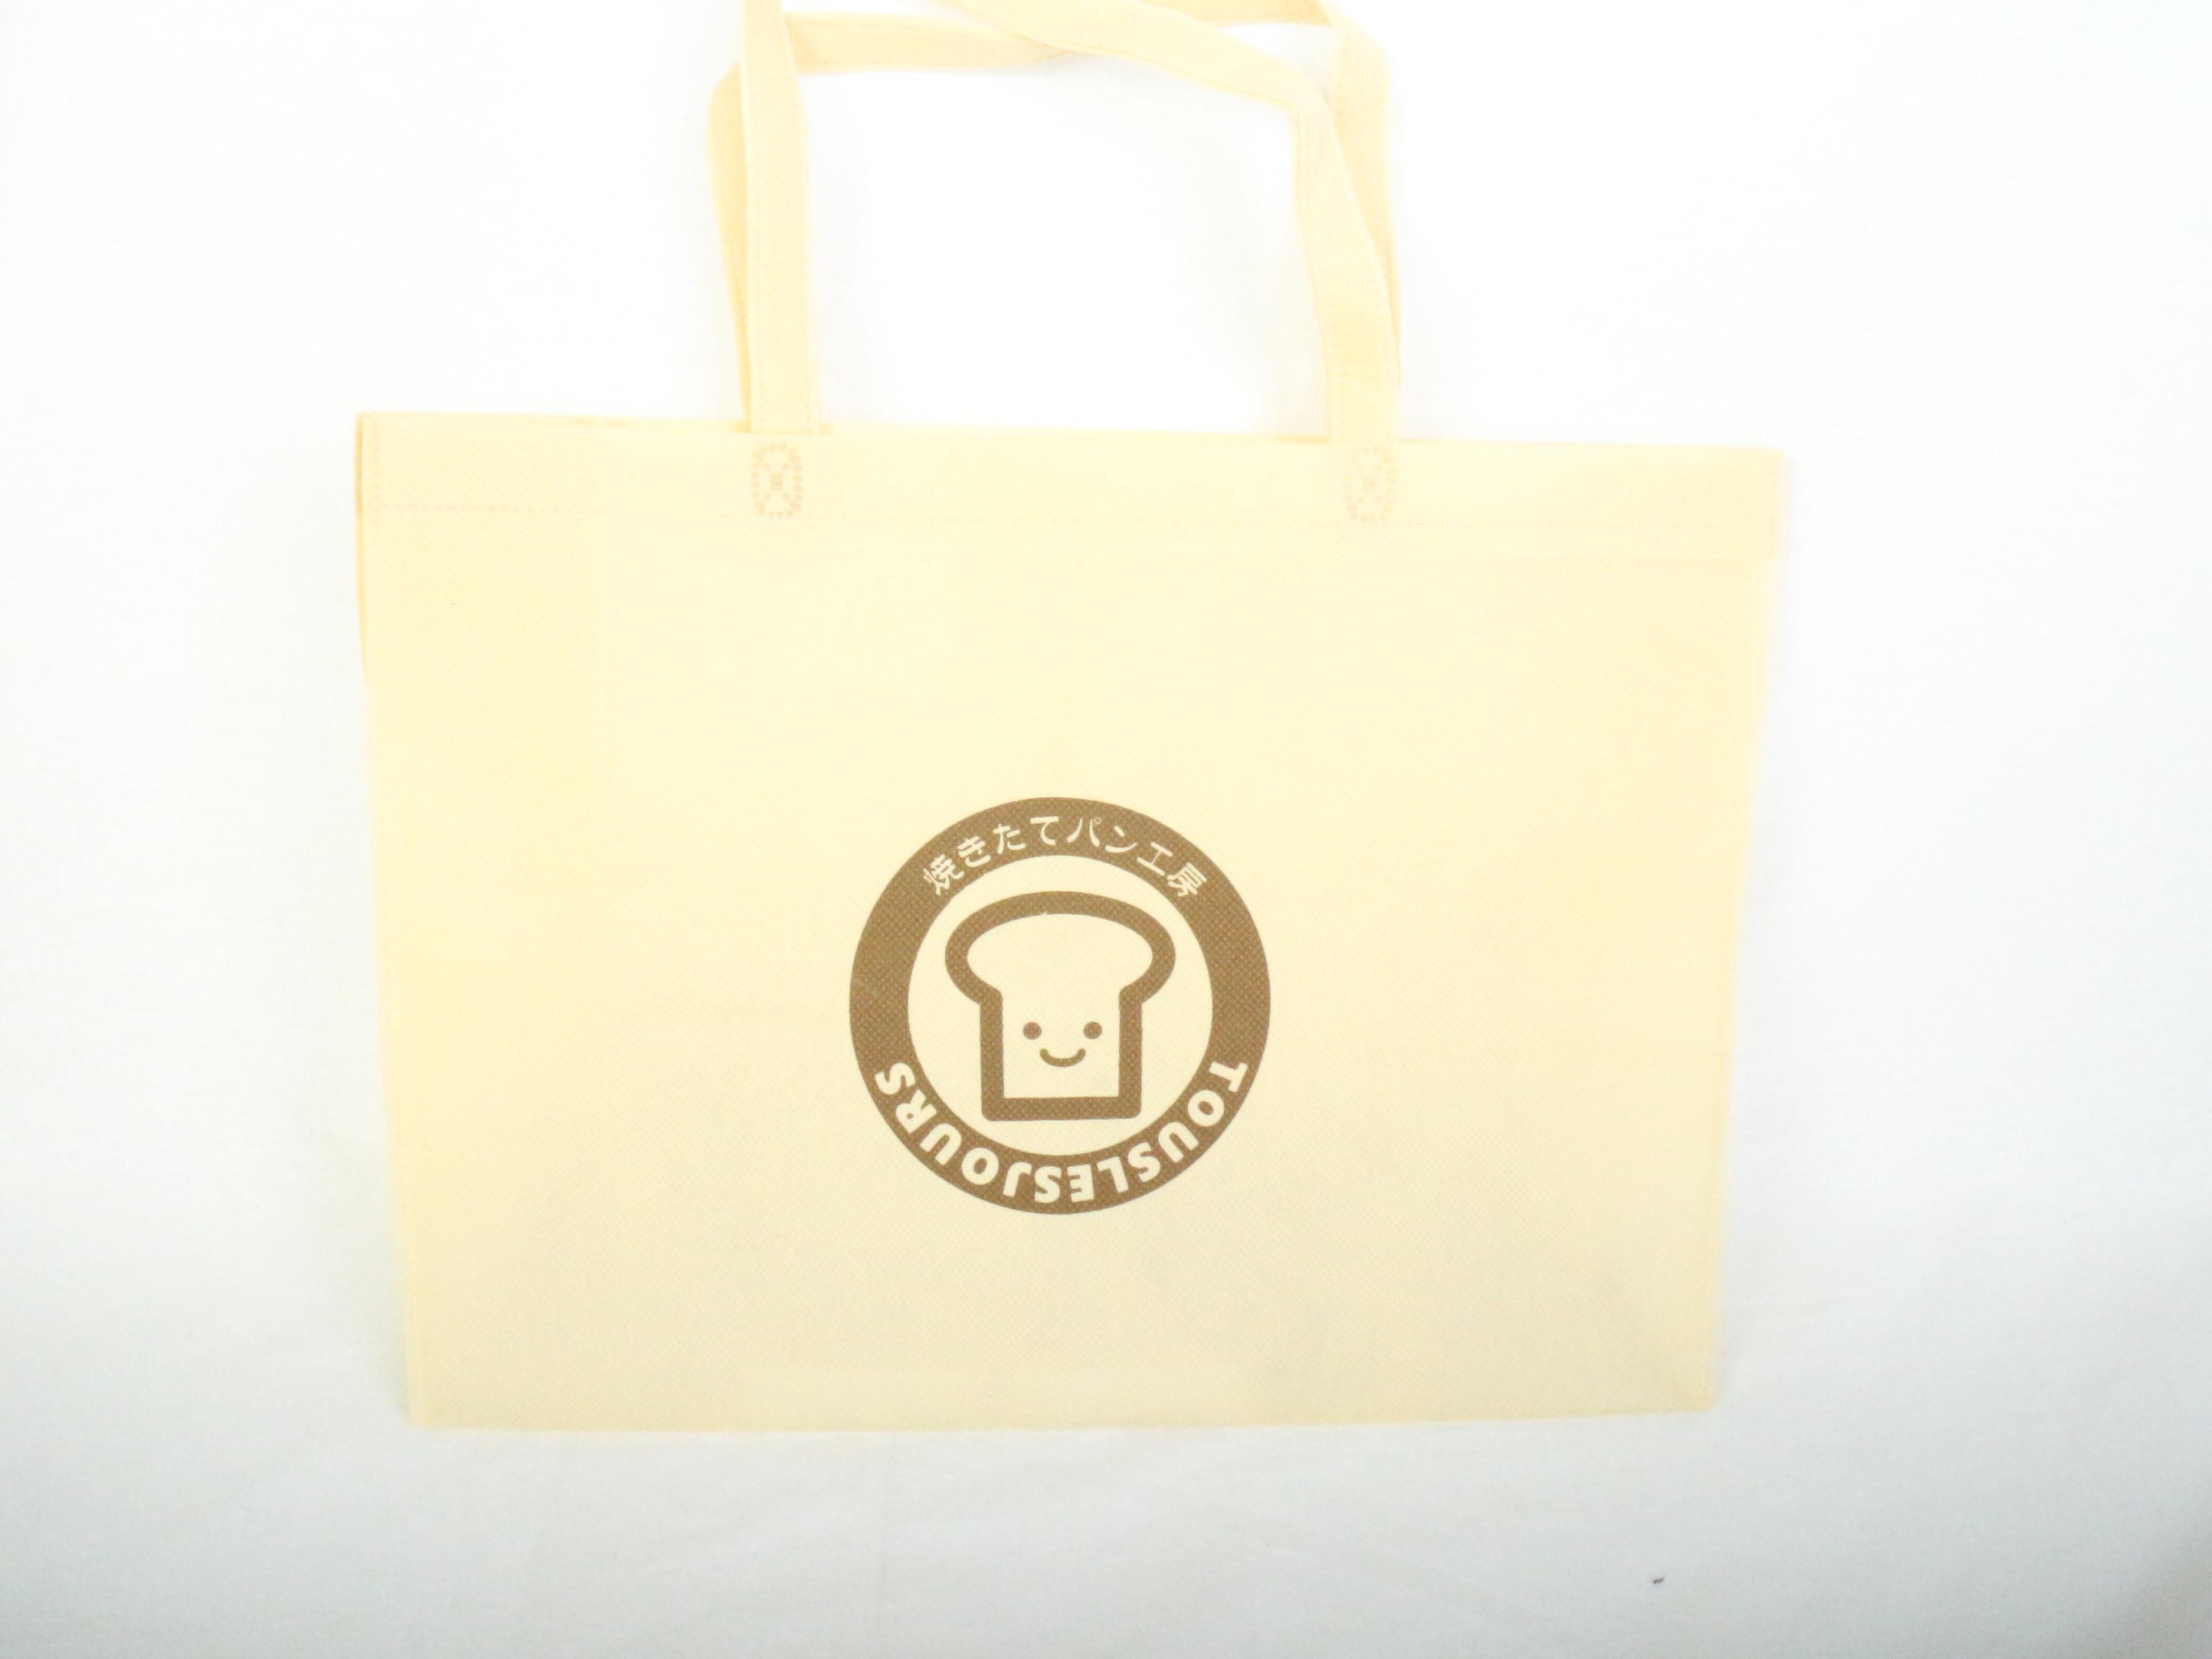 三重県のパン屋さんのオリジナル不織布バッグ